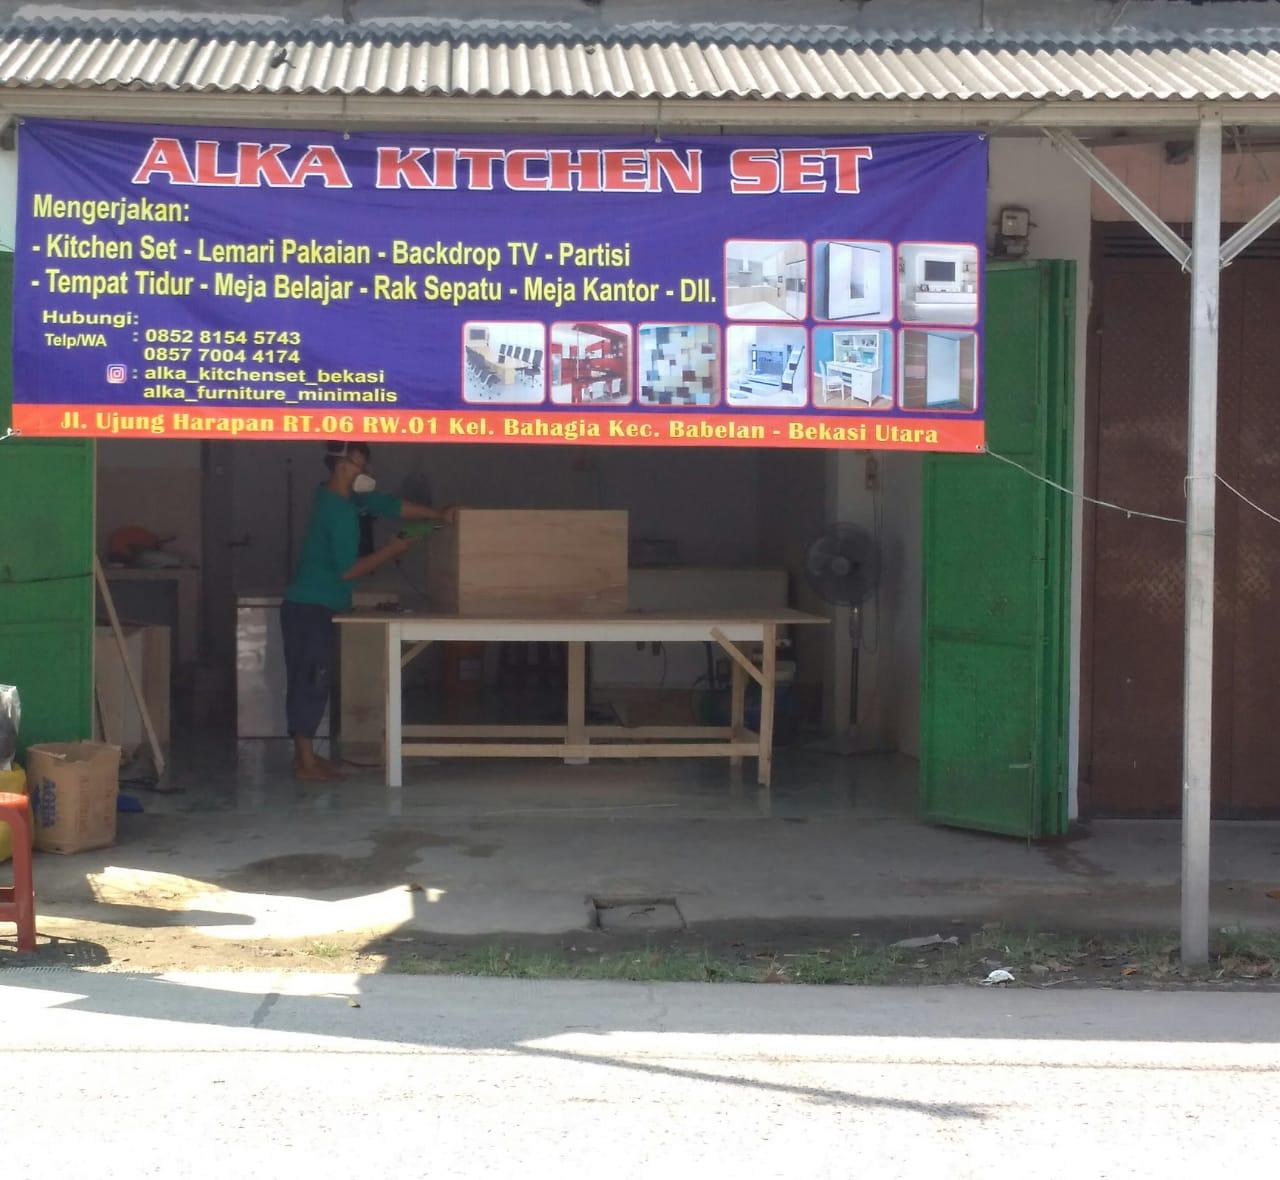 alka kitchen set bekasi - Jasa Pembuatan Kitchen Set Bekasi